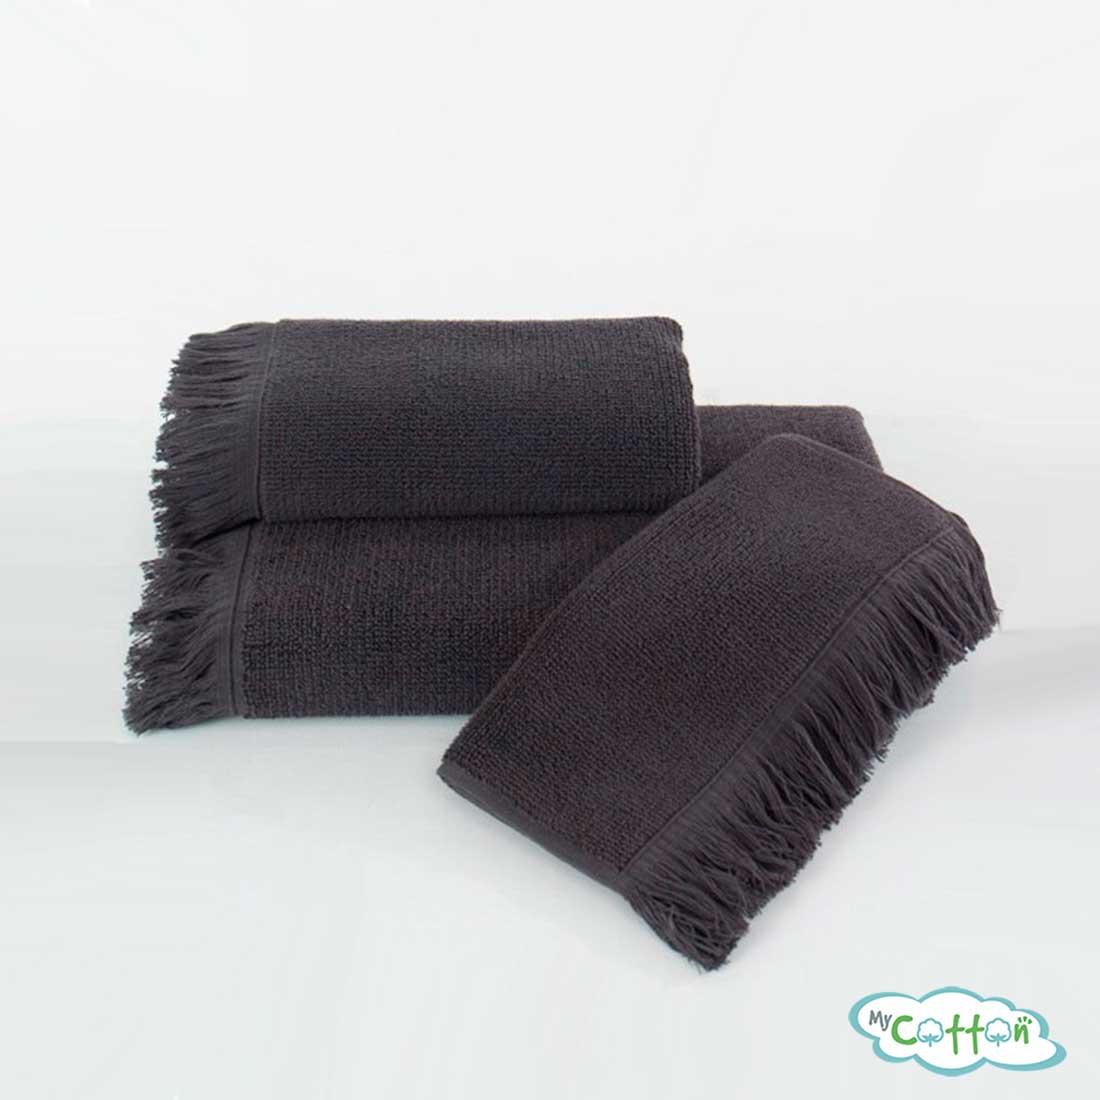 Полотенце махровое Soft Cotton антрацитовое FRINGE